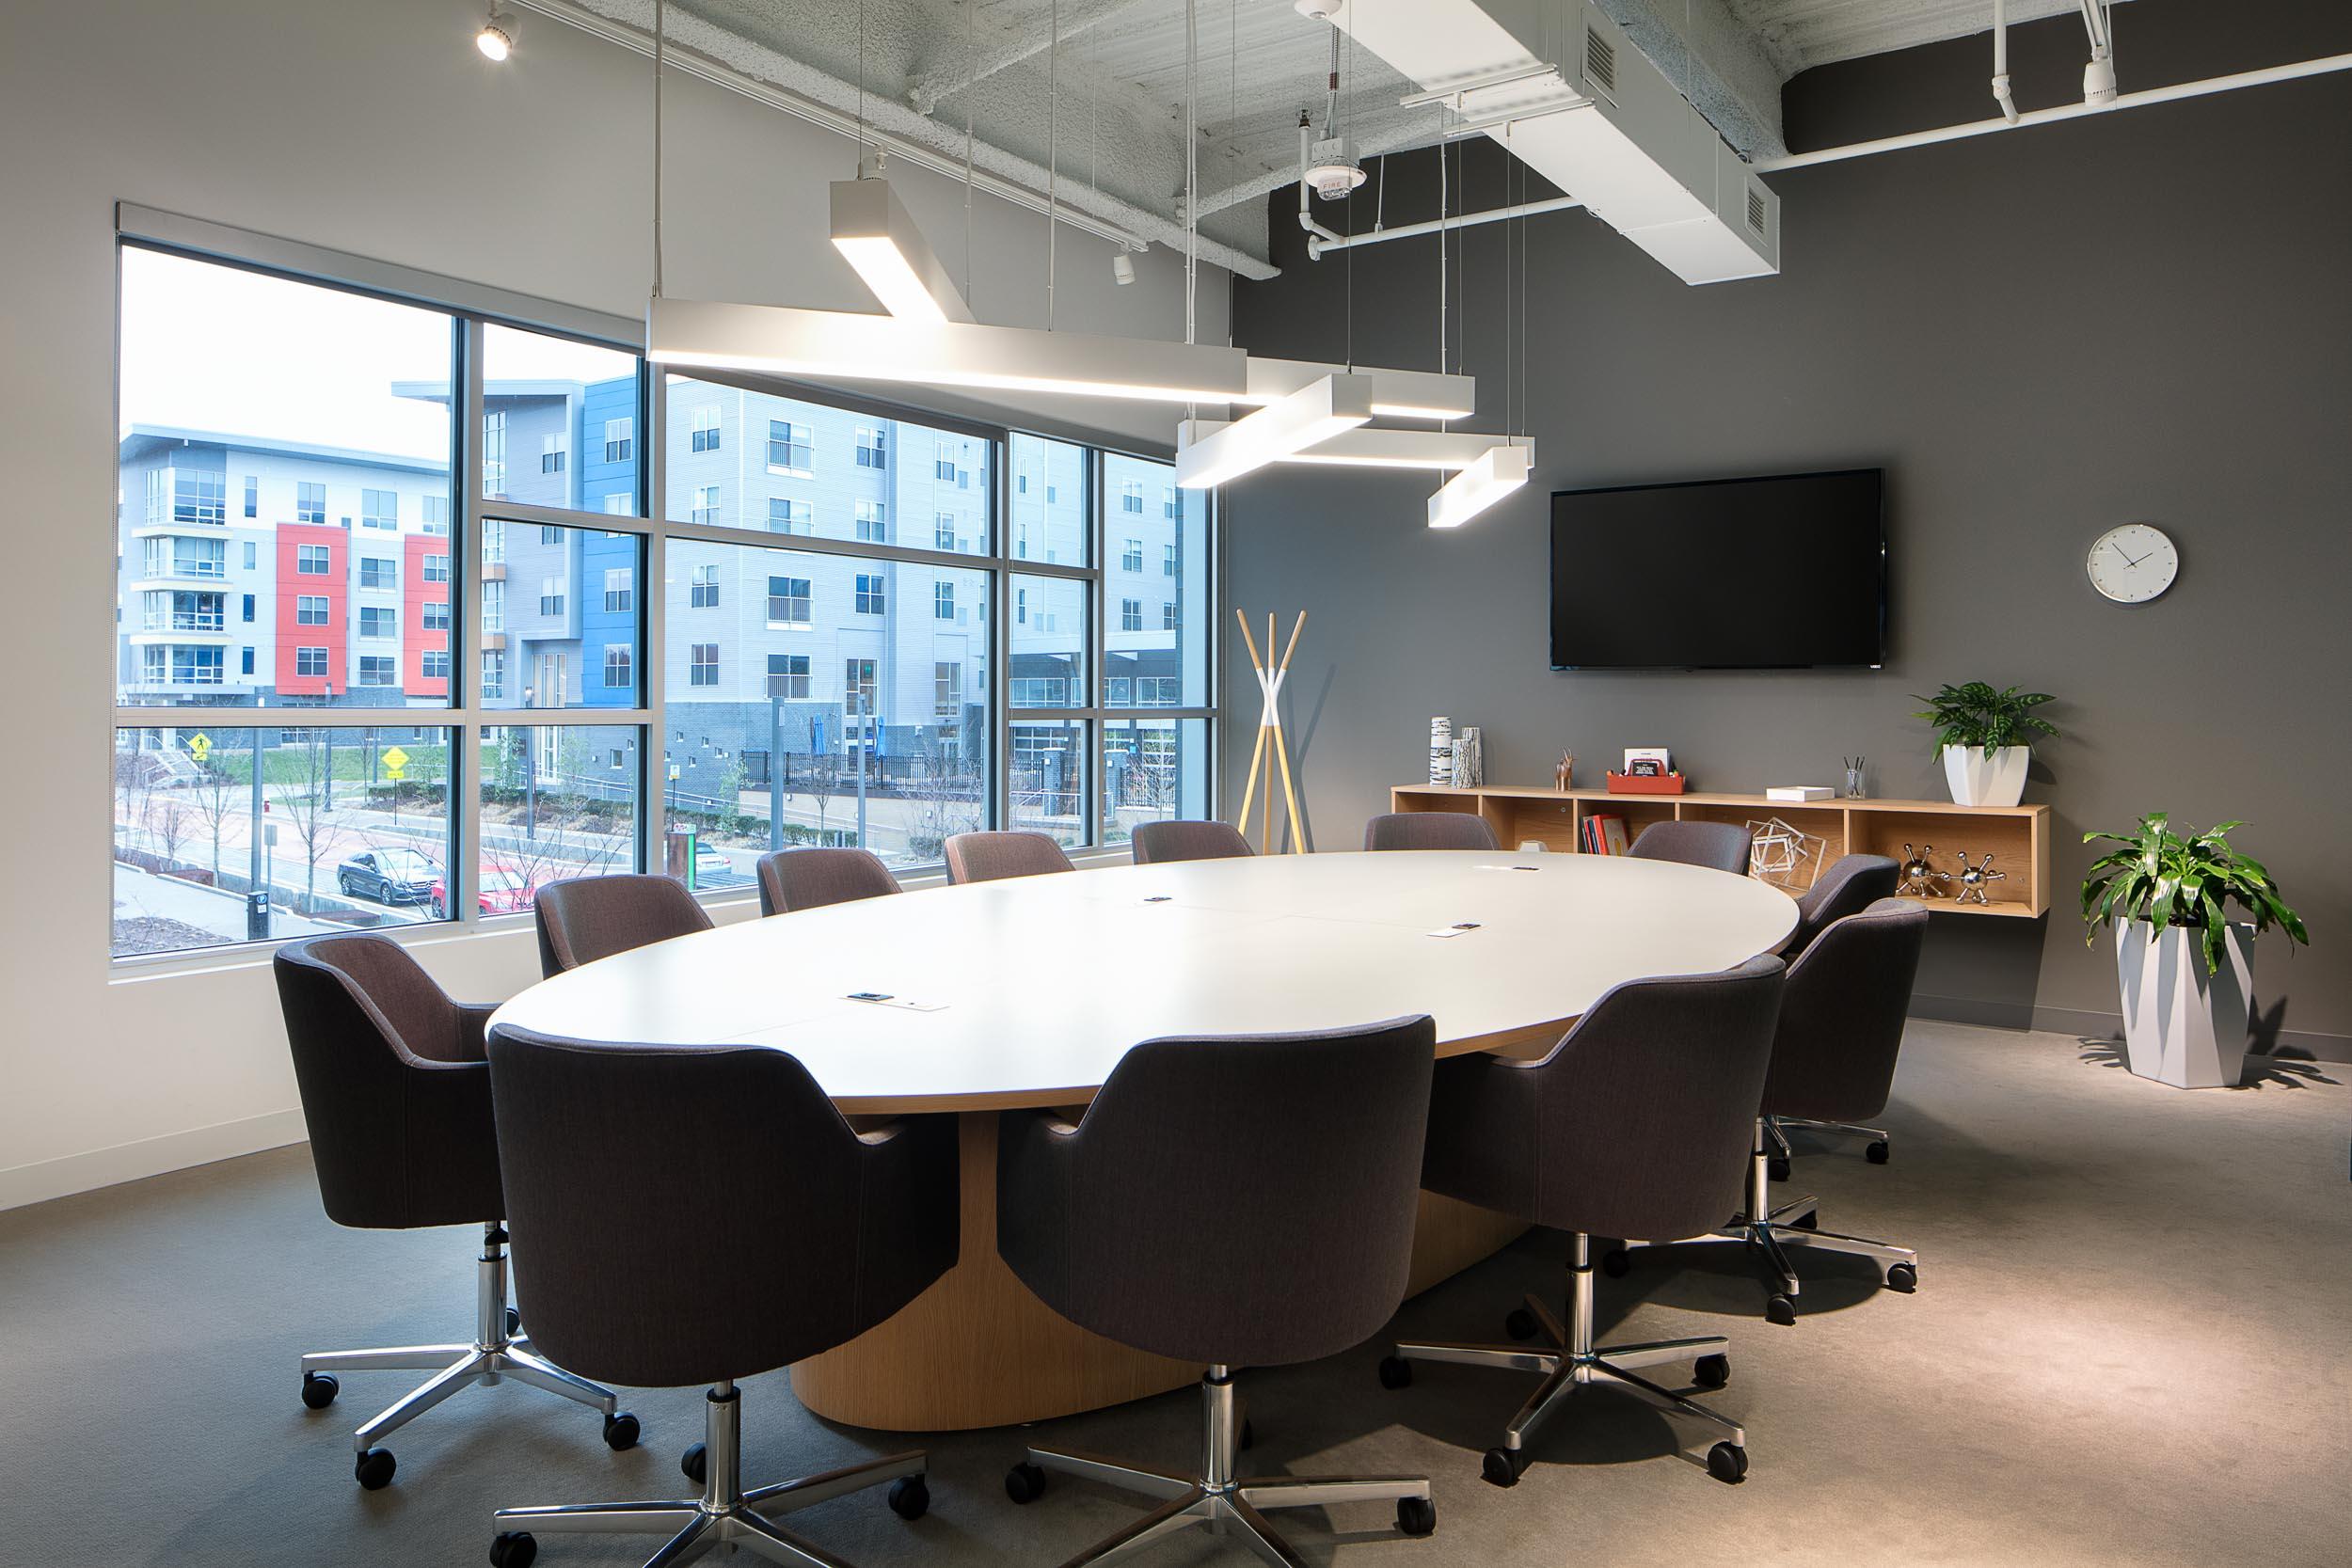 regus_spaces_office_workplace_coworking-1.jpg